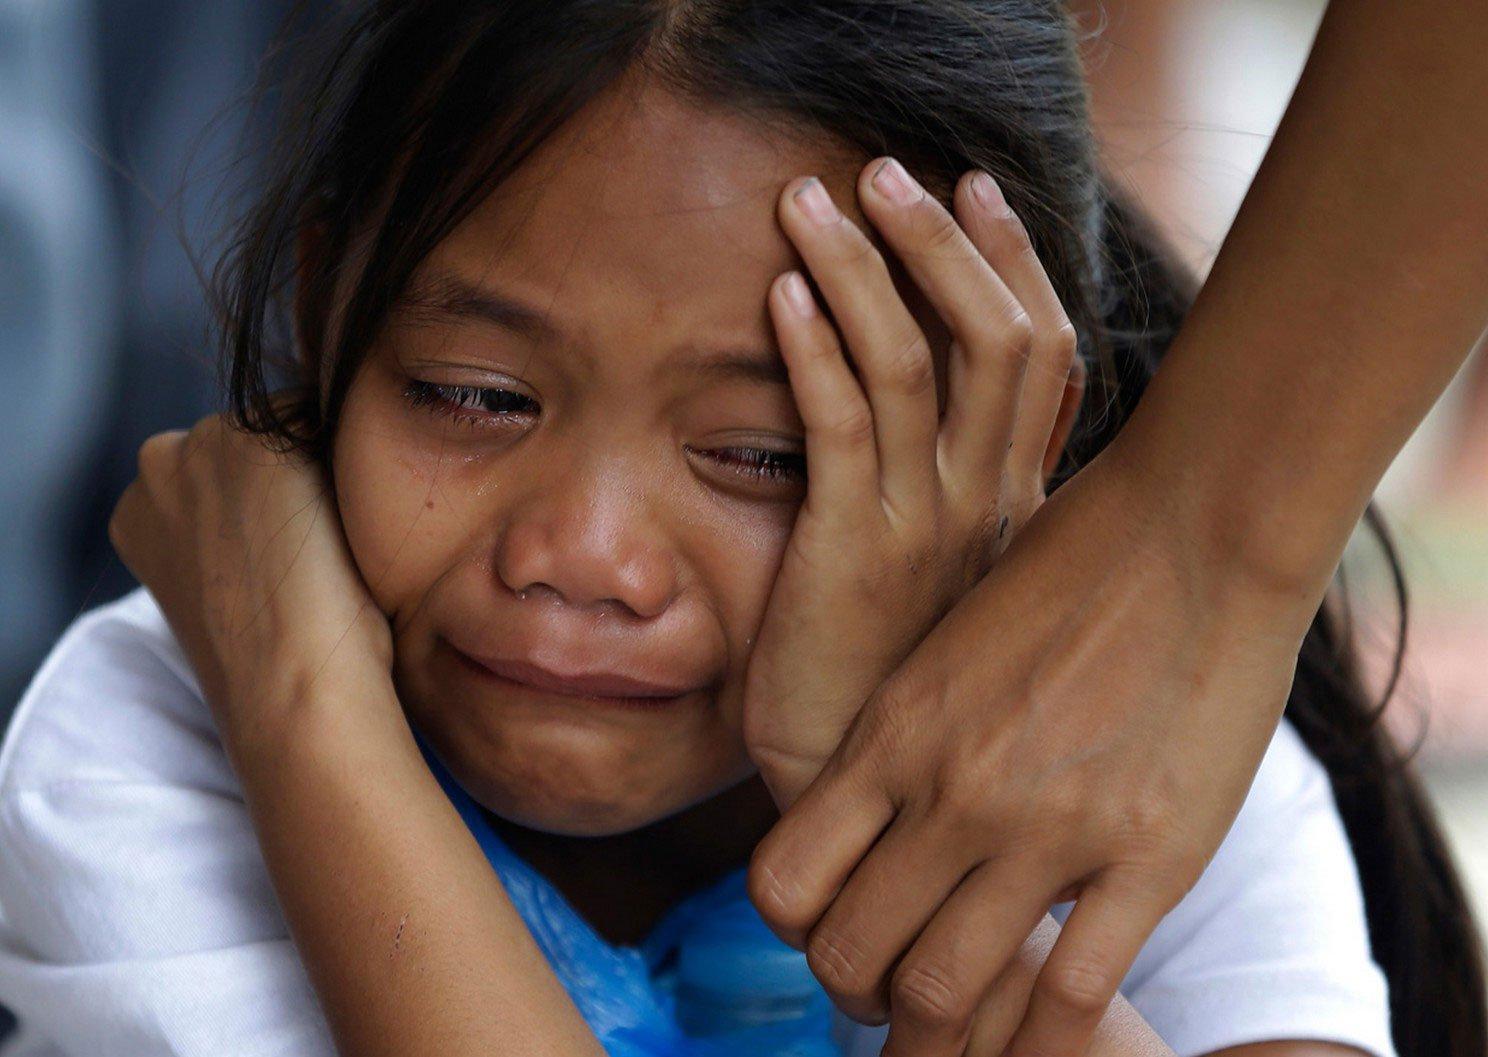 девочка плачет, ребенок узнает о смерти друга